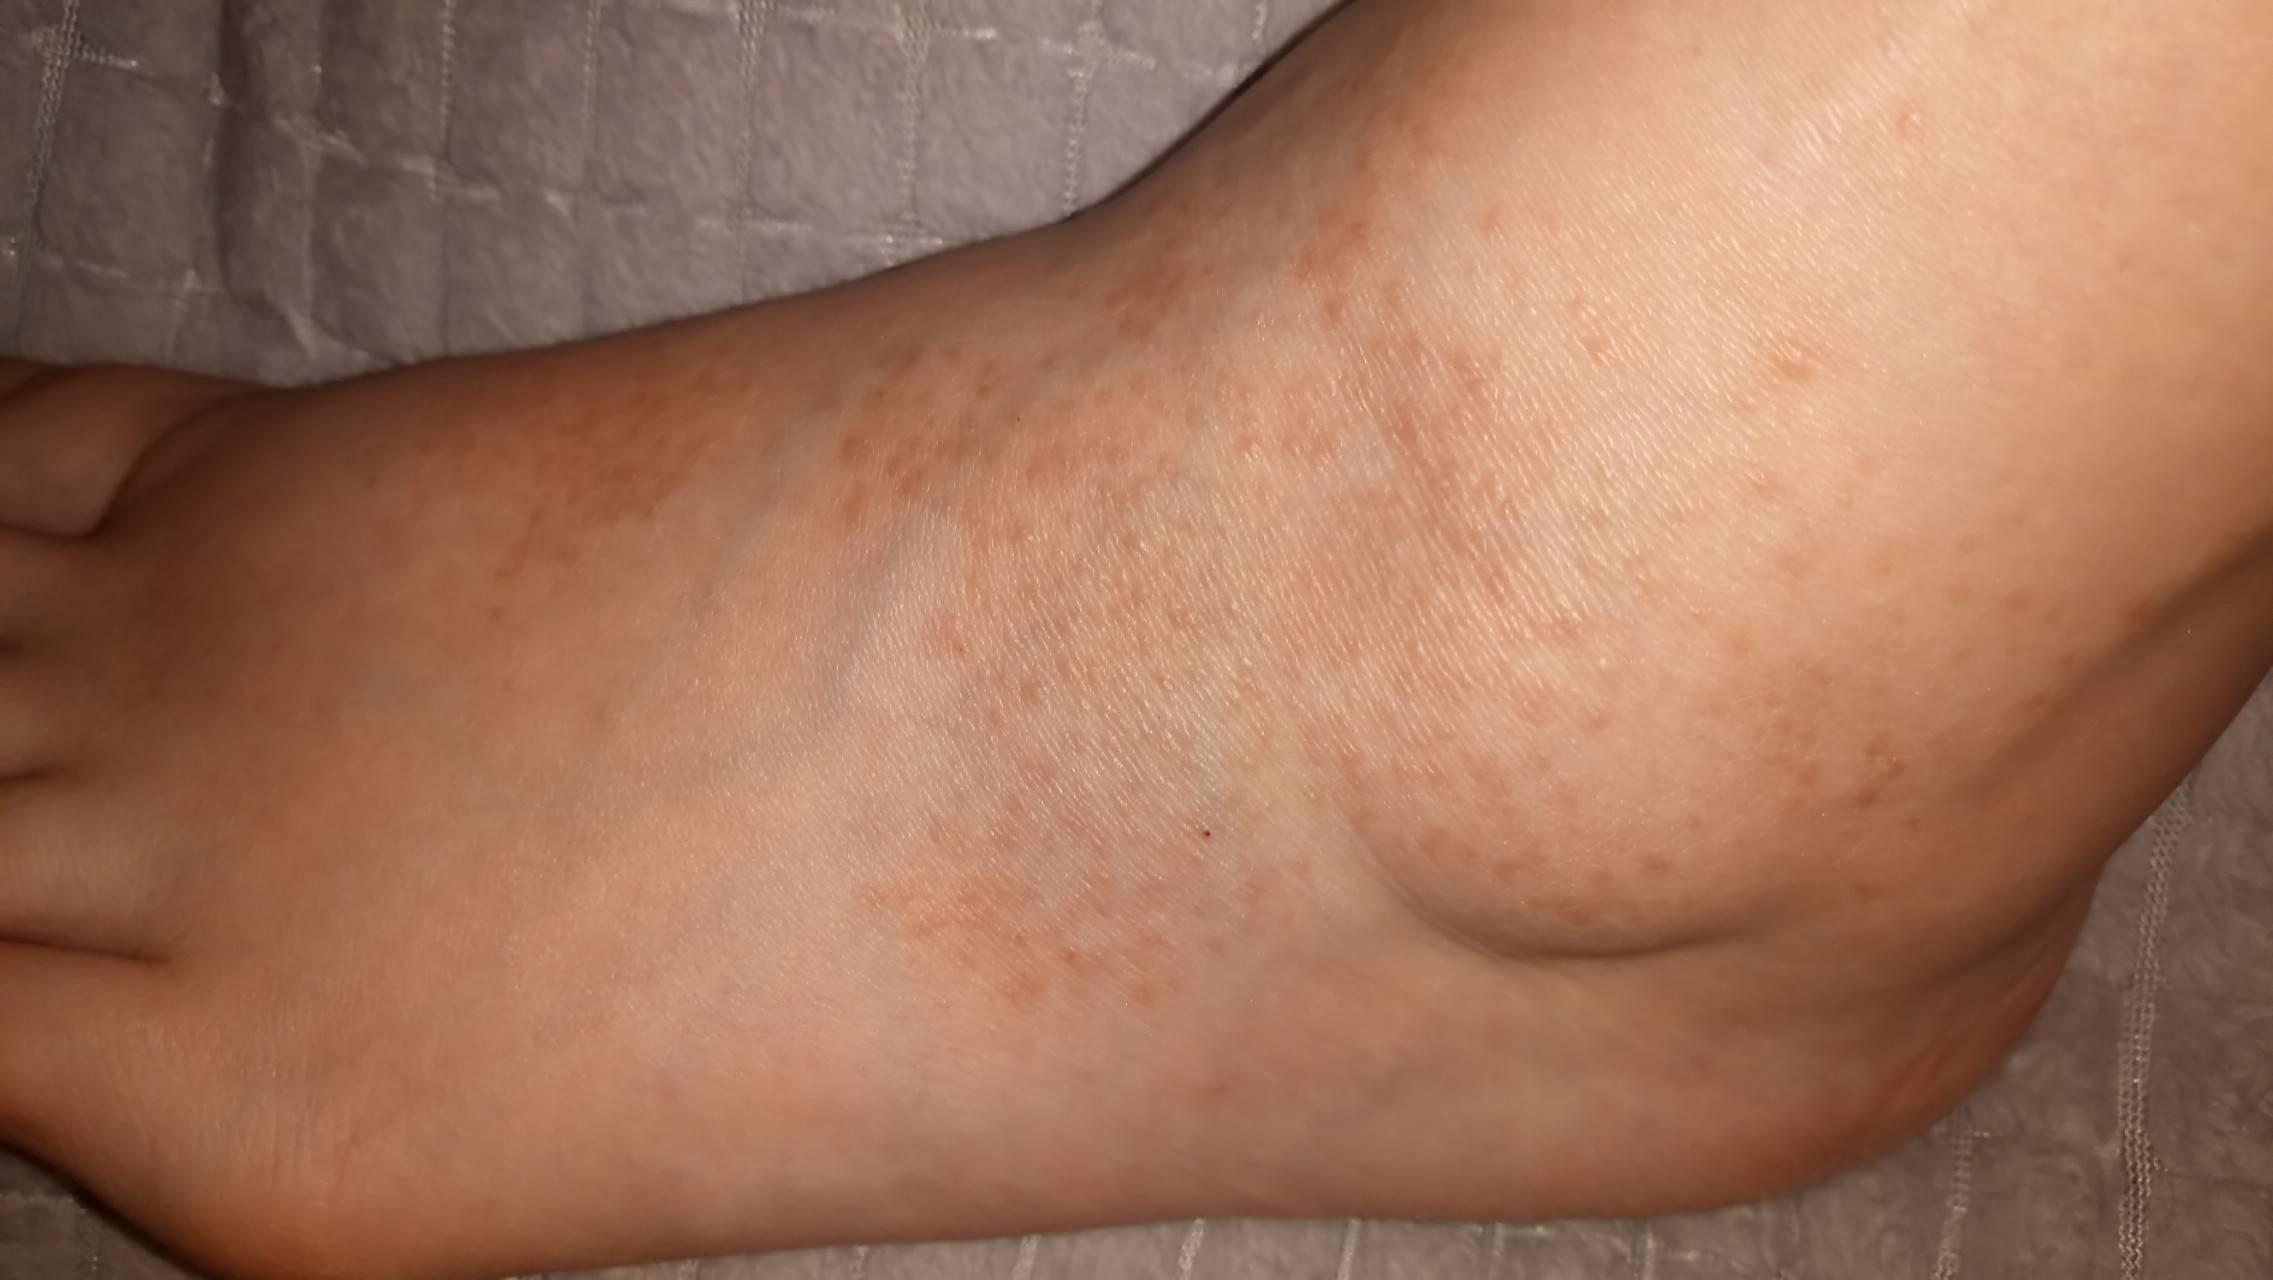 Псориаз на ногах фото: начальная стадия и лечение народными средствами и препаратами